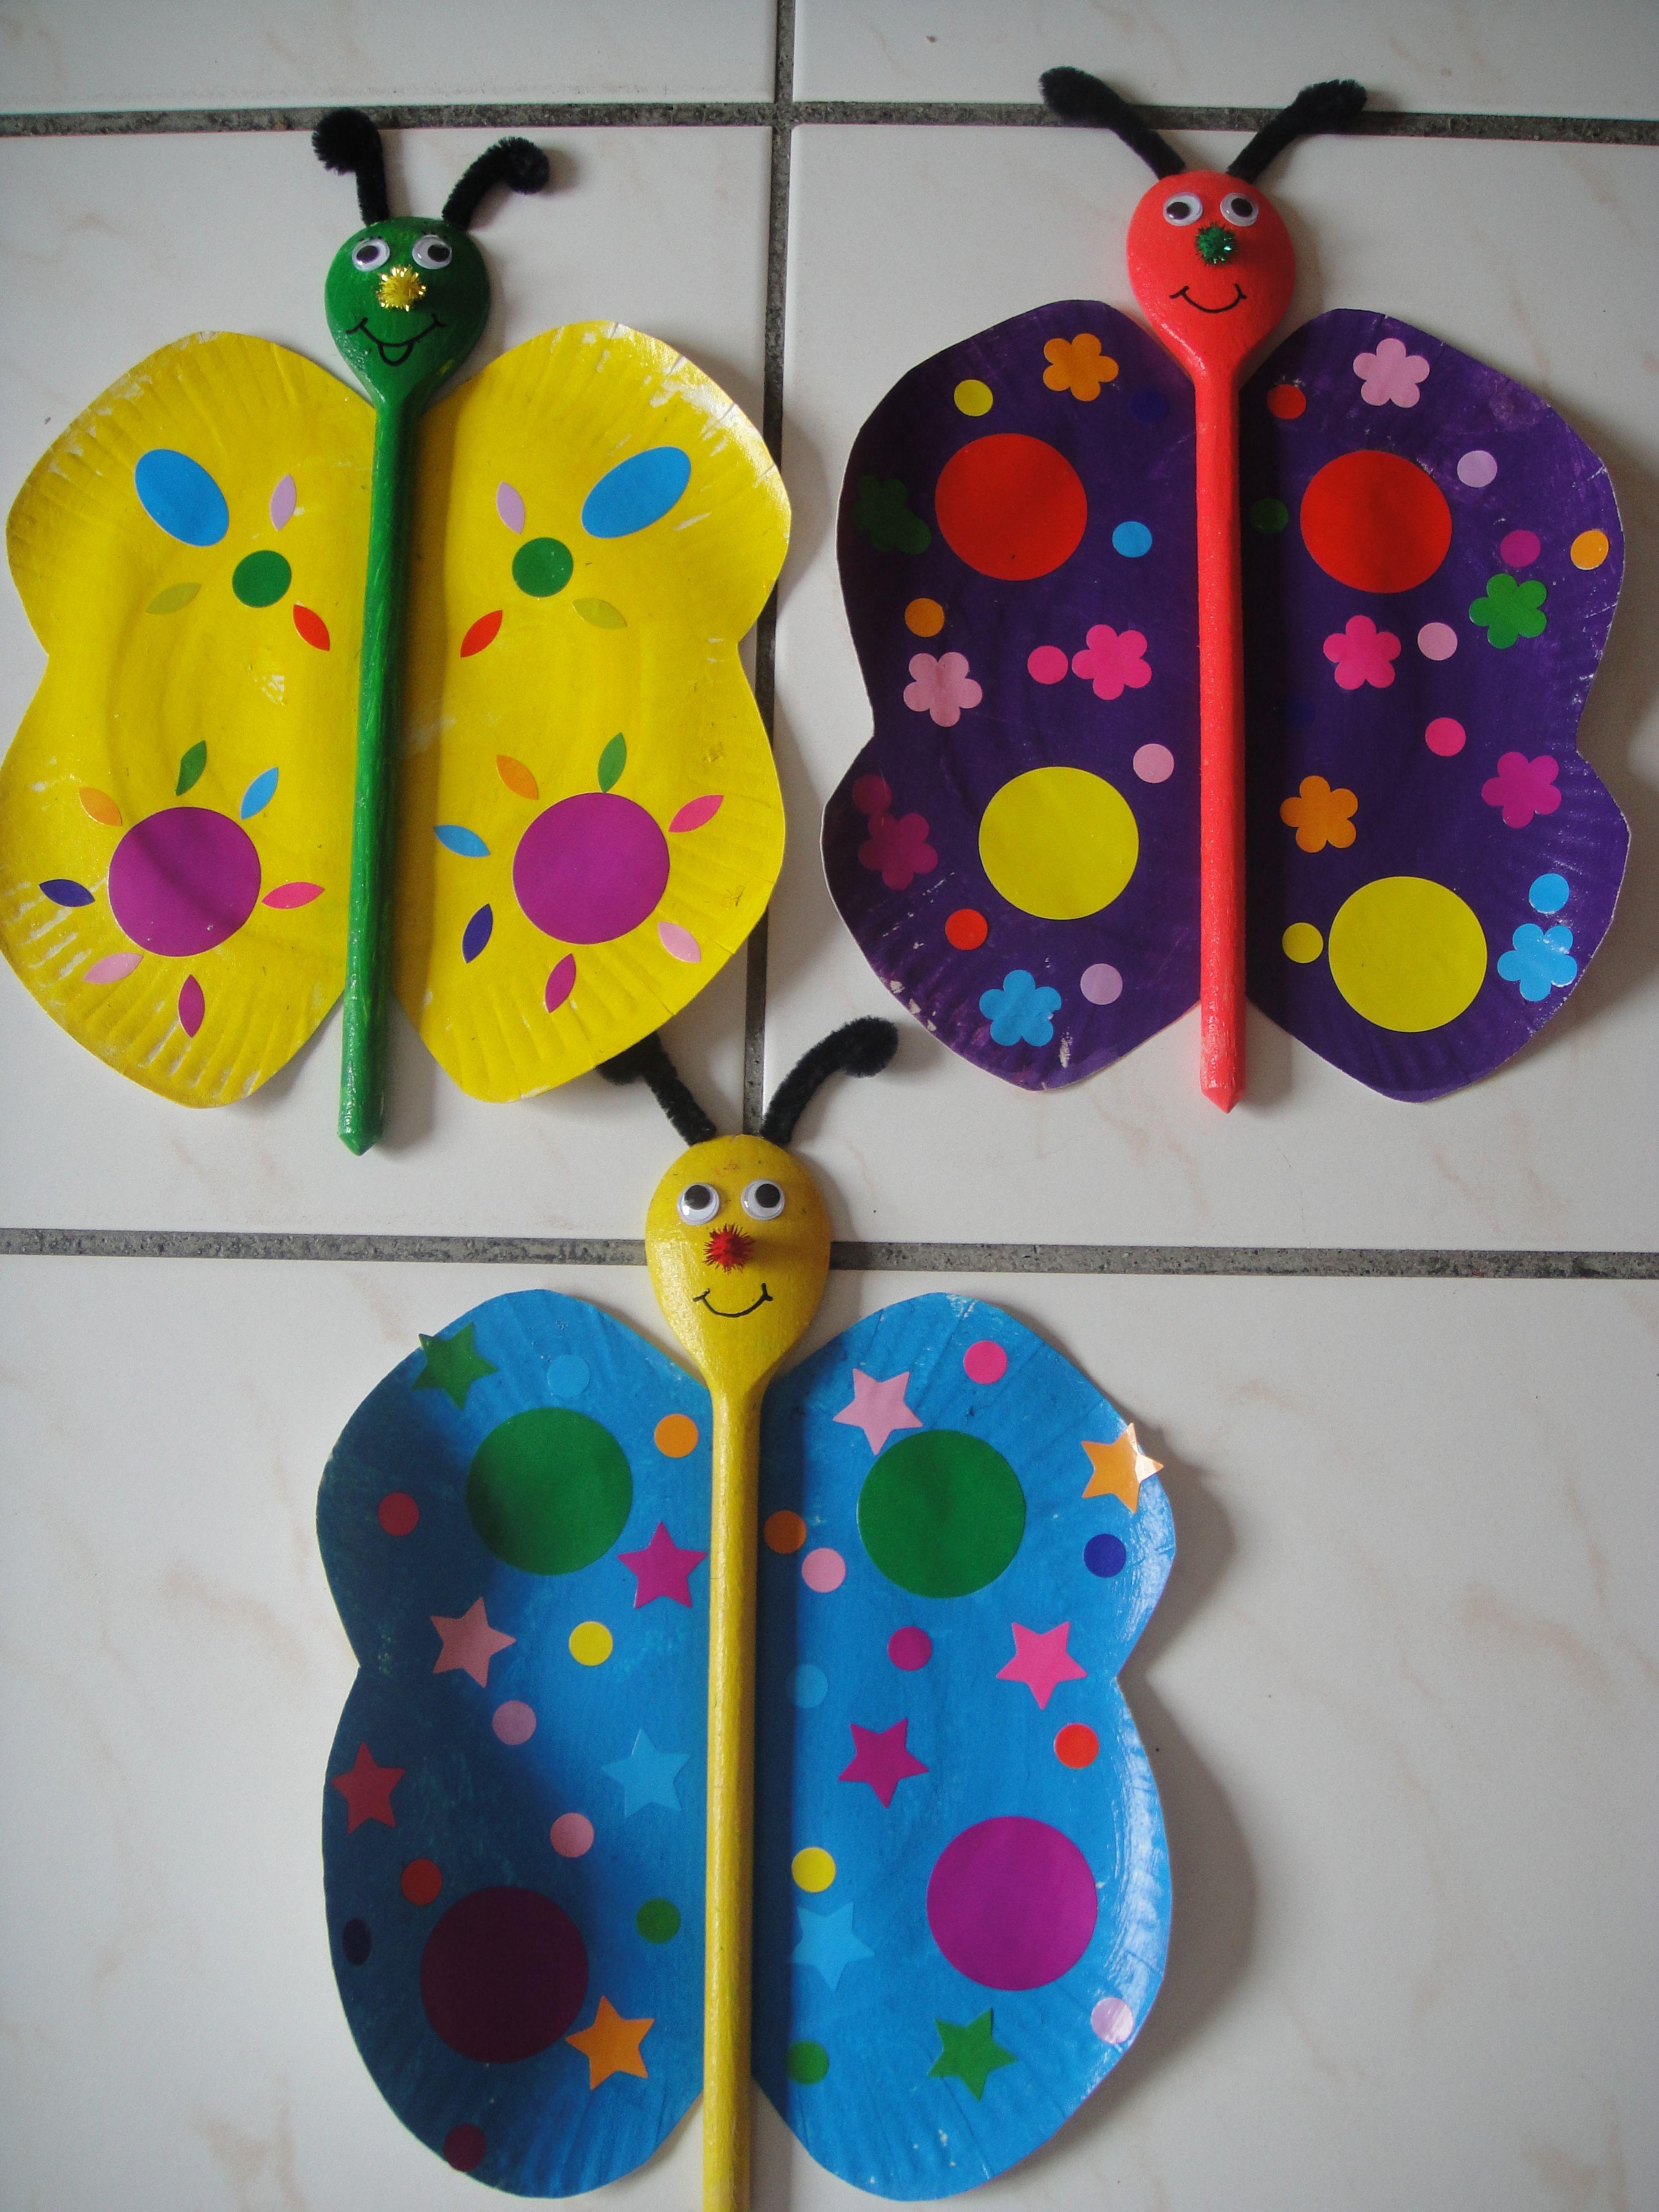 papillon cuill re en bois printemps pinterest cuill res papillon et en bois. Black Bedroom Furniture Sets. Home Design Ideas